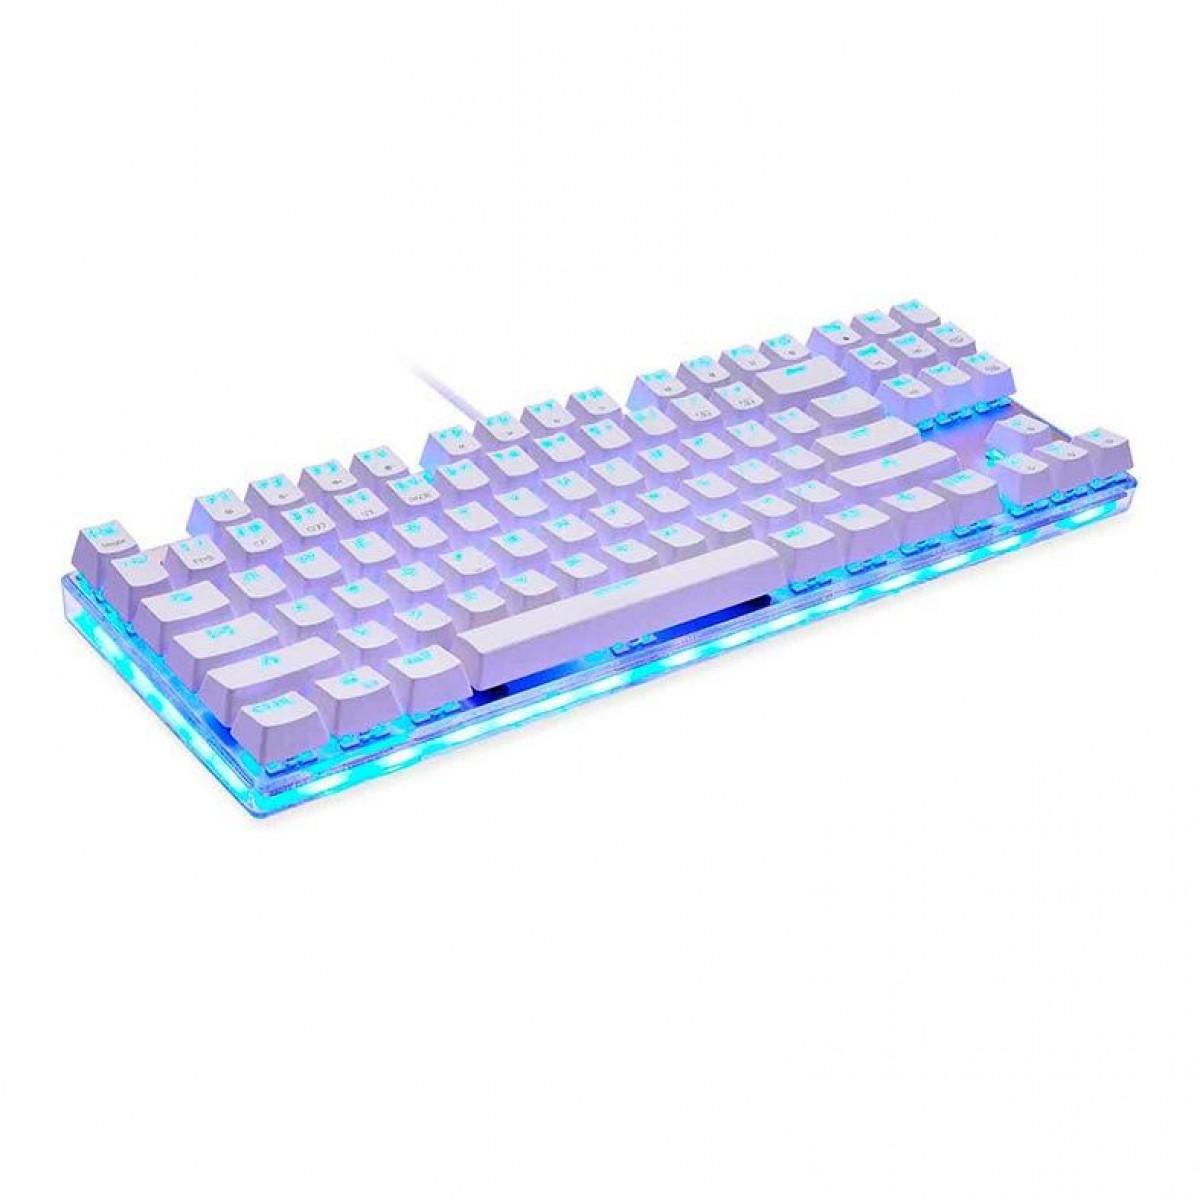 Teclado Mecanico Motospeed K87S, Branco, Switch Blue, RGB, FMSTC0006AZL